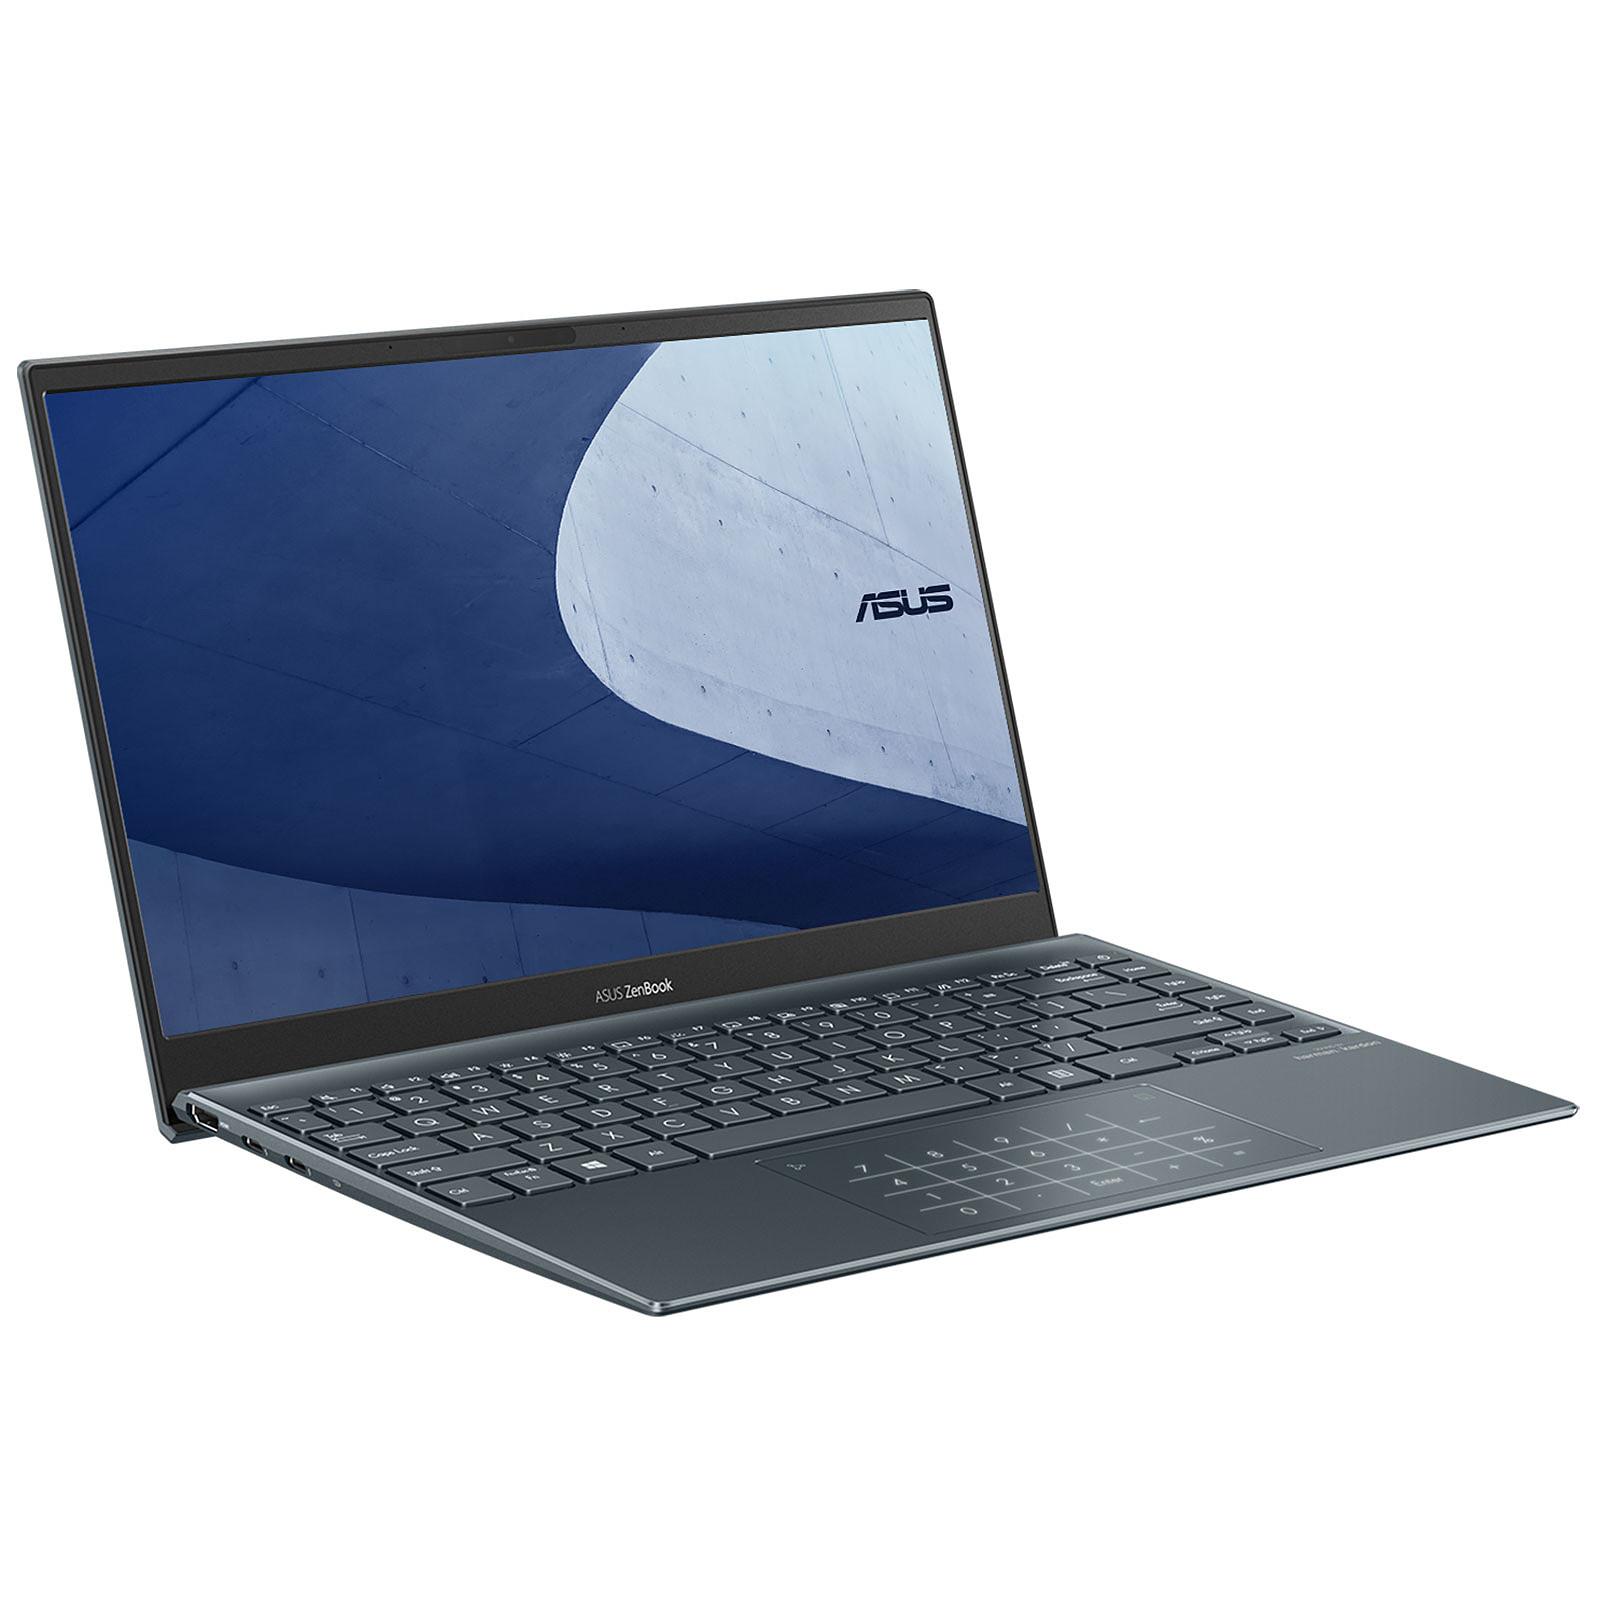 ASUS Zenbook 13 BX325JA-EG120R avec NumPad